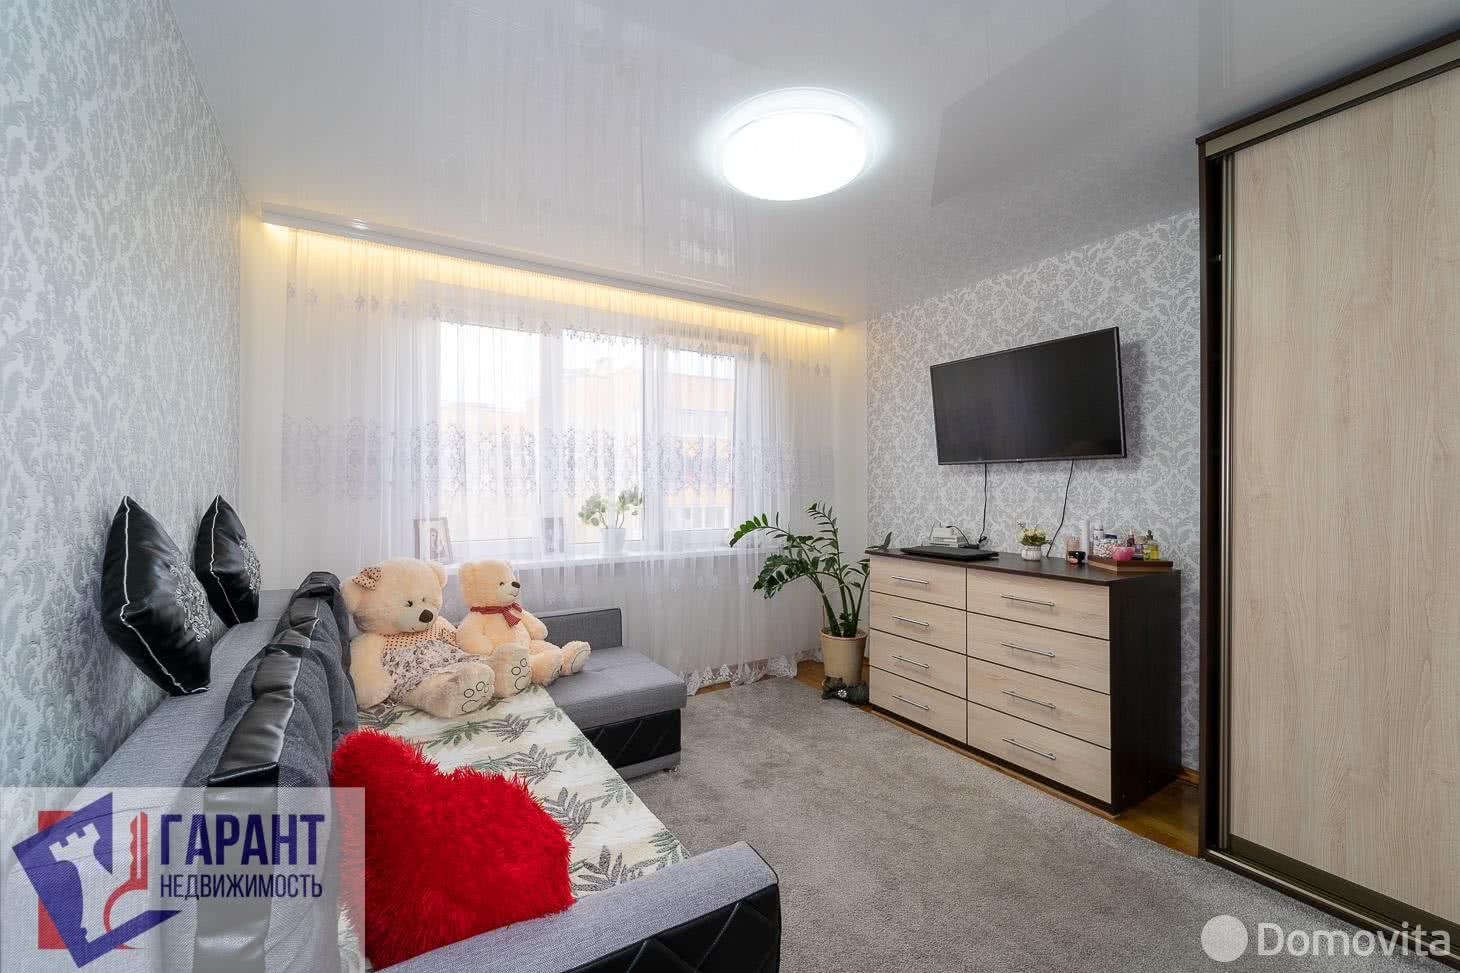 Купить комнату в Минске, ул. Одинцова, д. 29 - фото 2